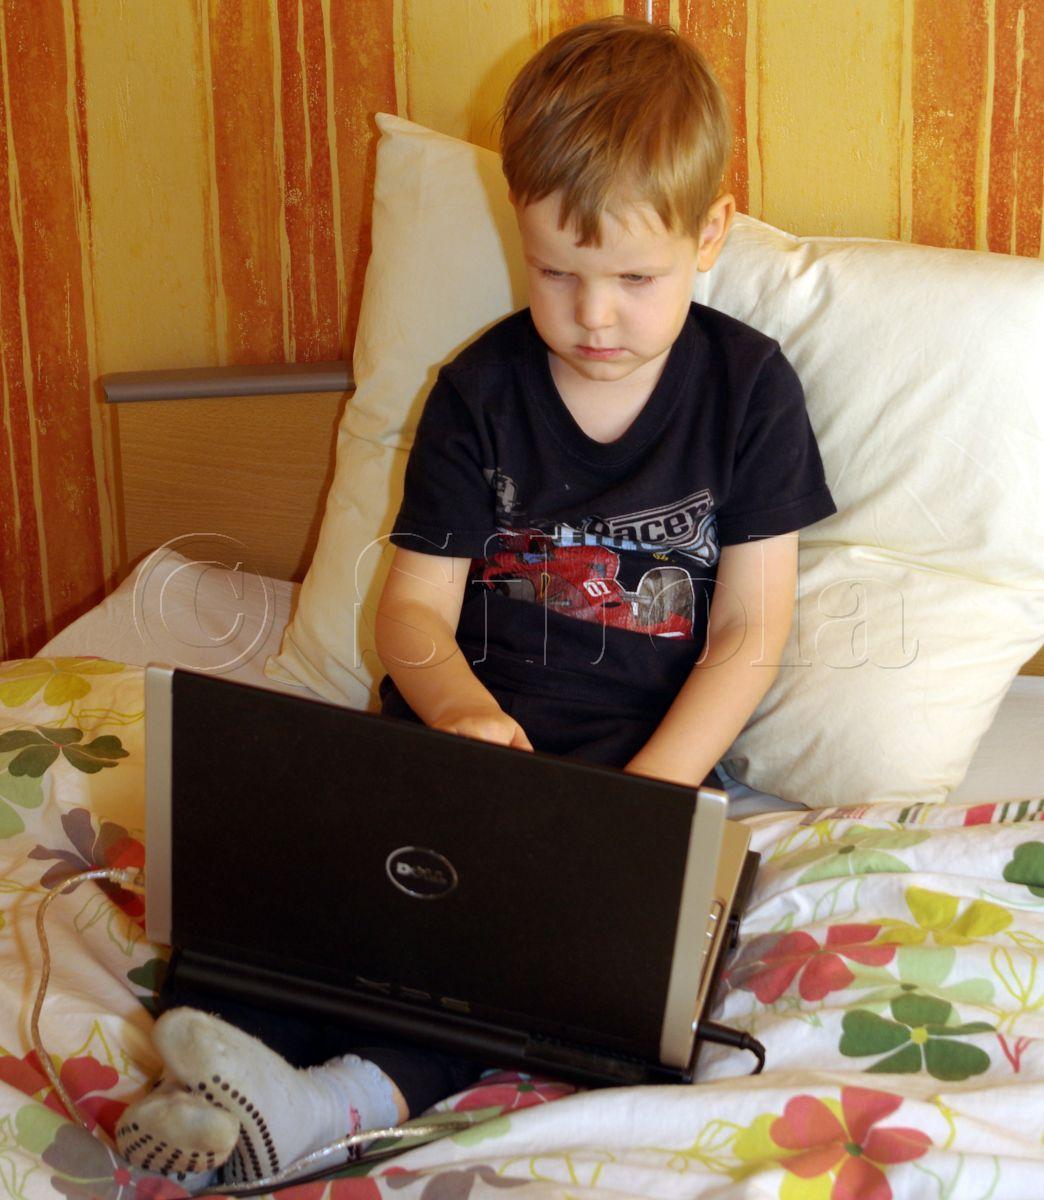 Juba nelja aasta vanuselt oskasin ma arvutiga asju teha